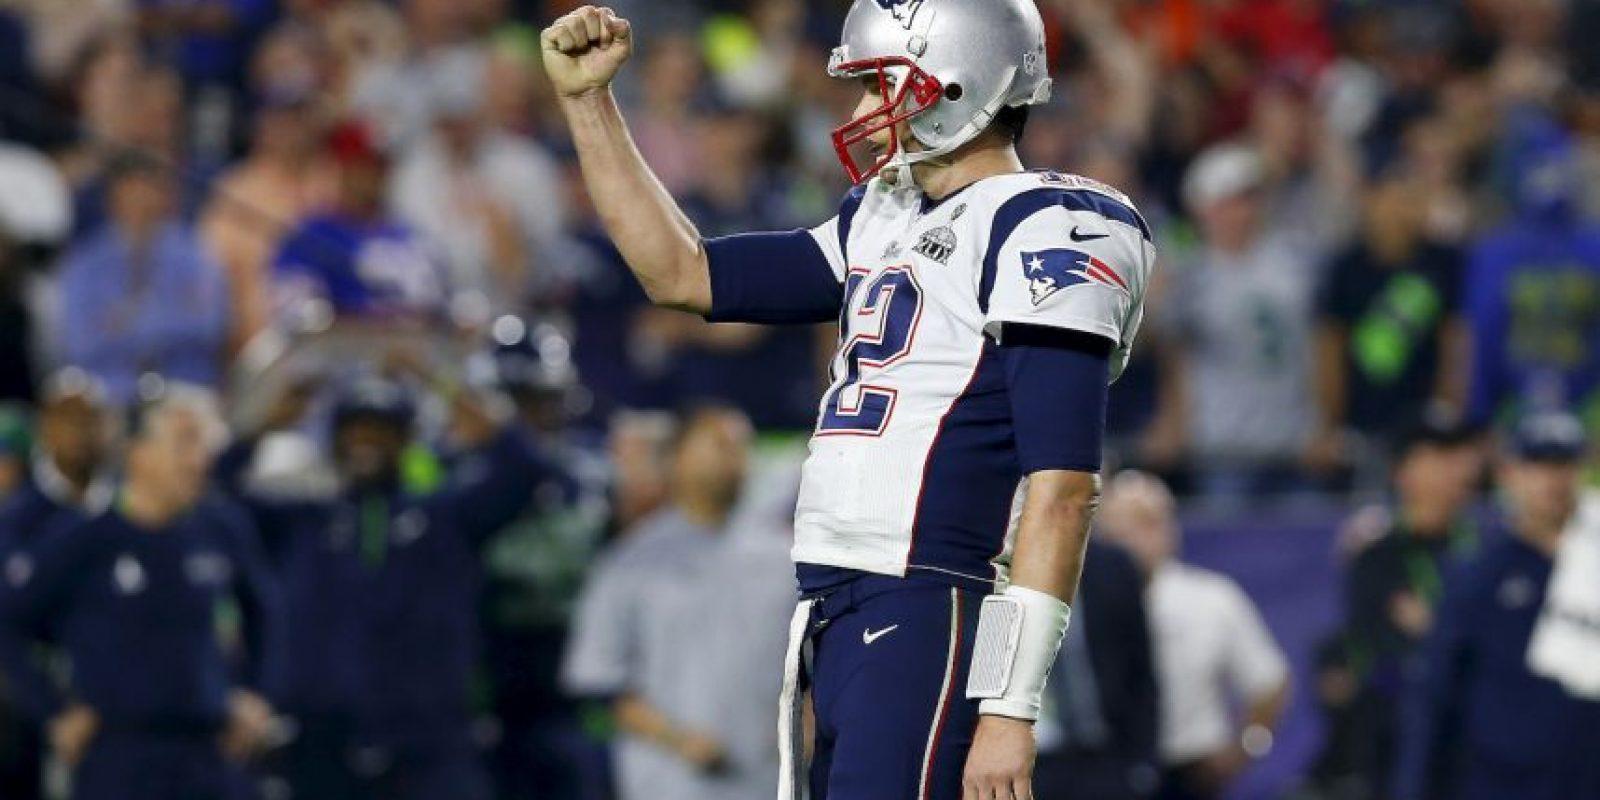 """En el último segundo, los """"Pats"""" superaron 28-24 a los Seattle Seahawks Foto:Getty Images"""